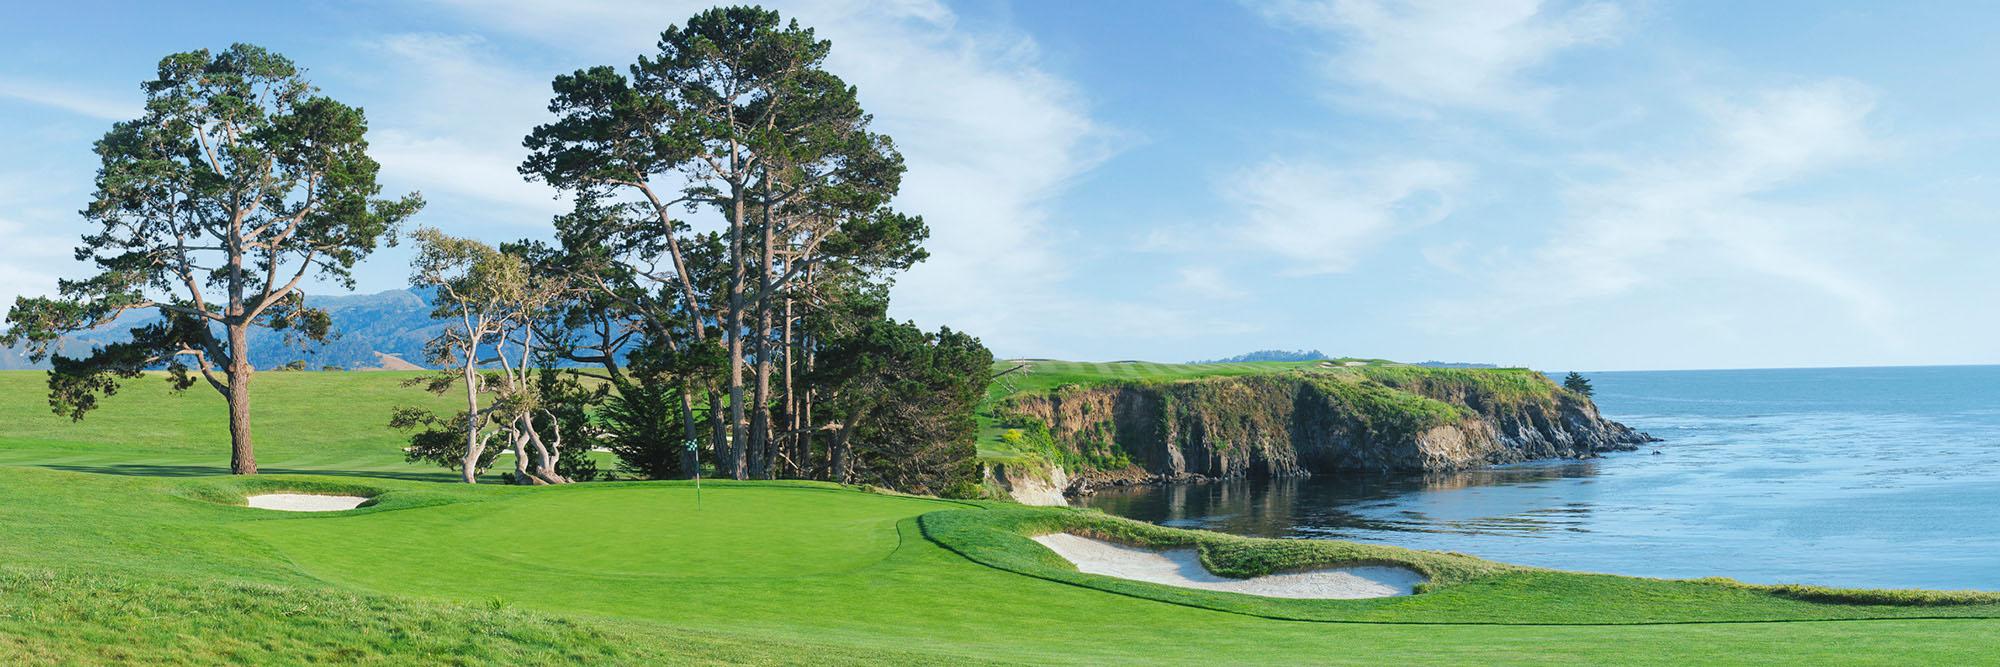 Golf Course Image - Pebble Beach No. 5